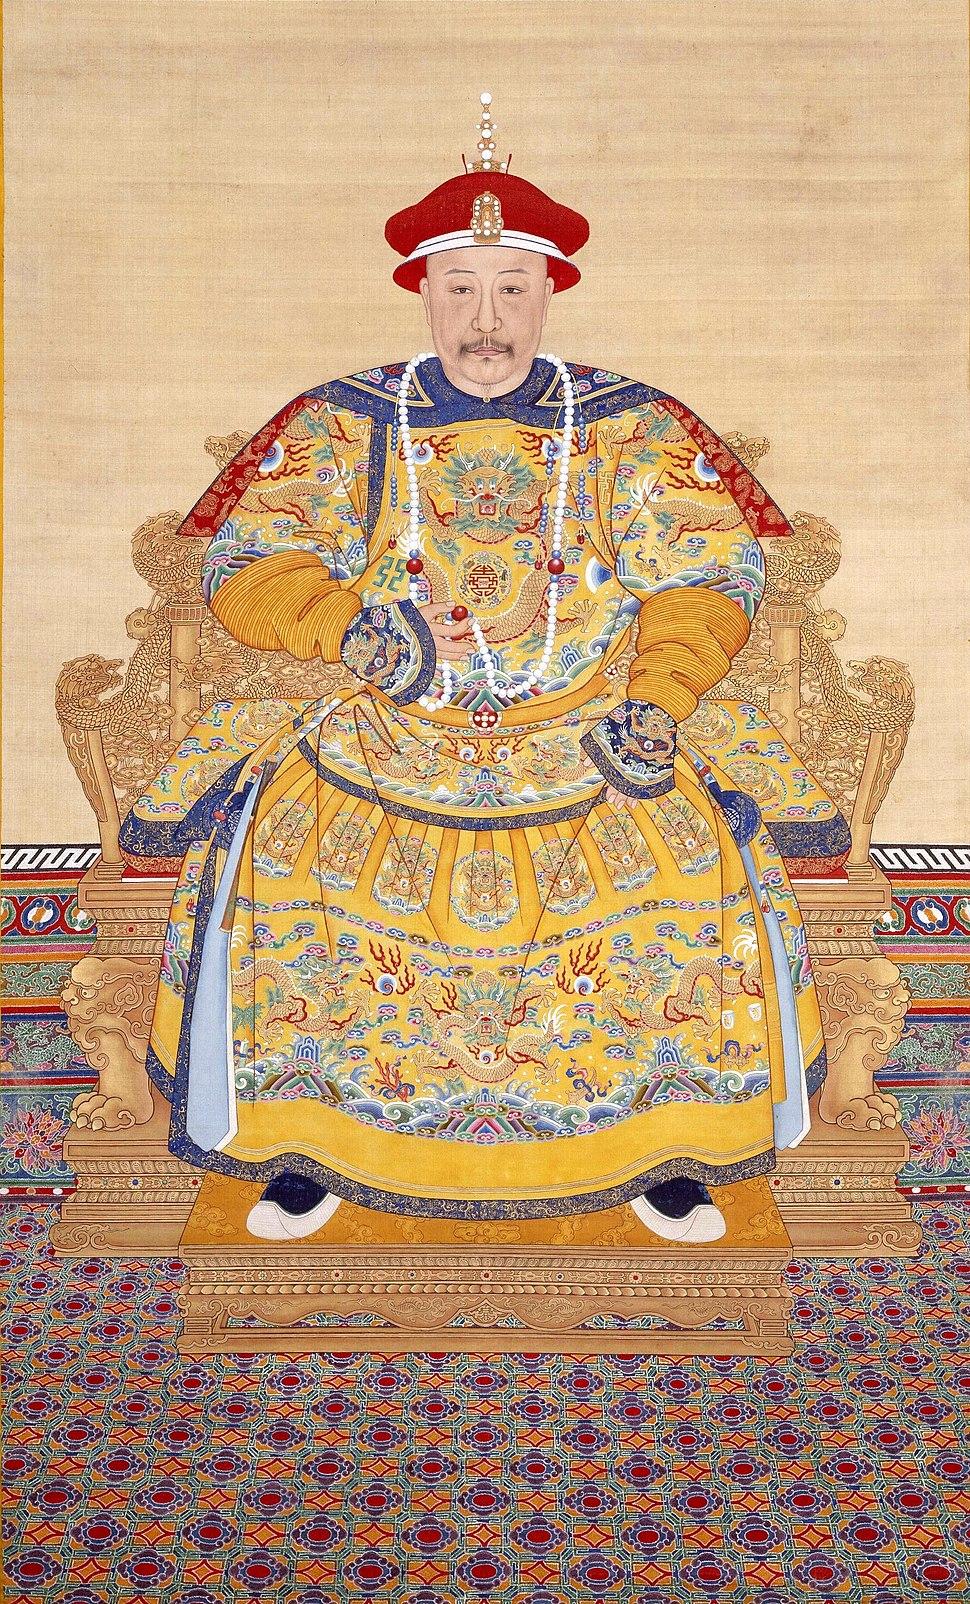 清 佚名 《清仁宗嘉庆皇帝朝服像》